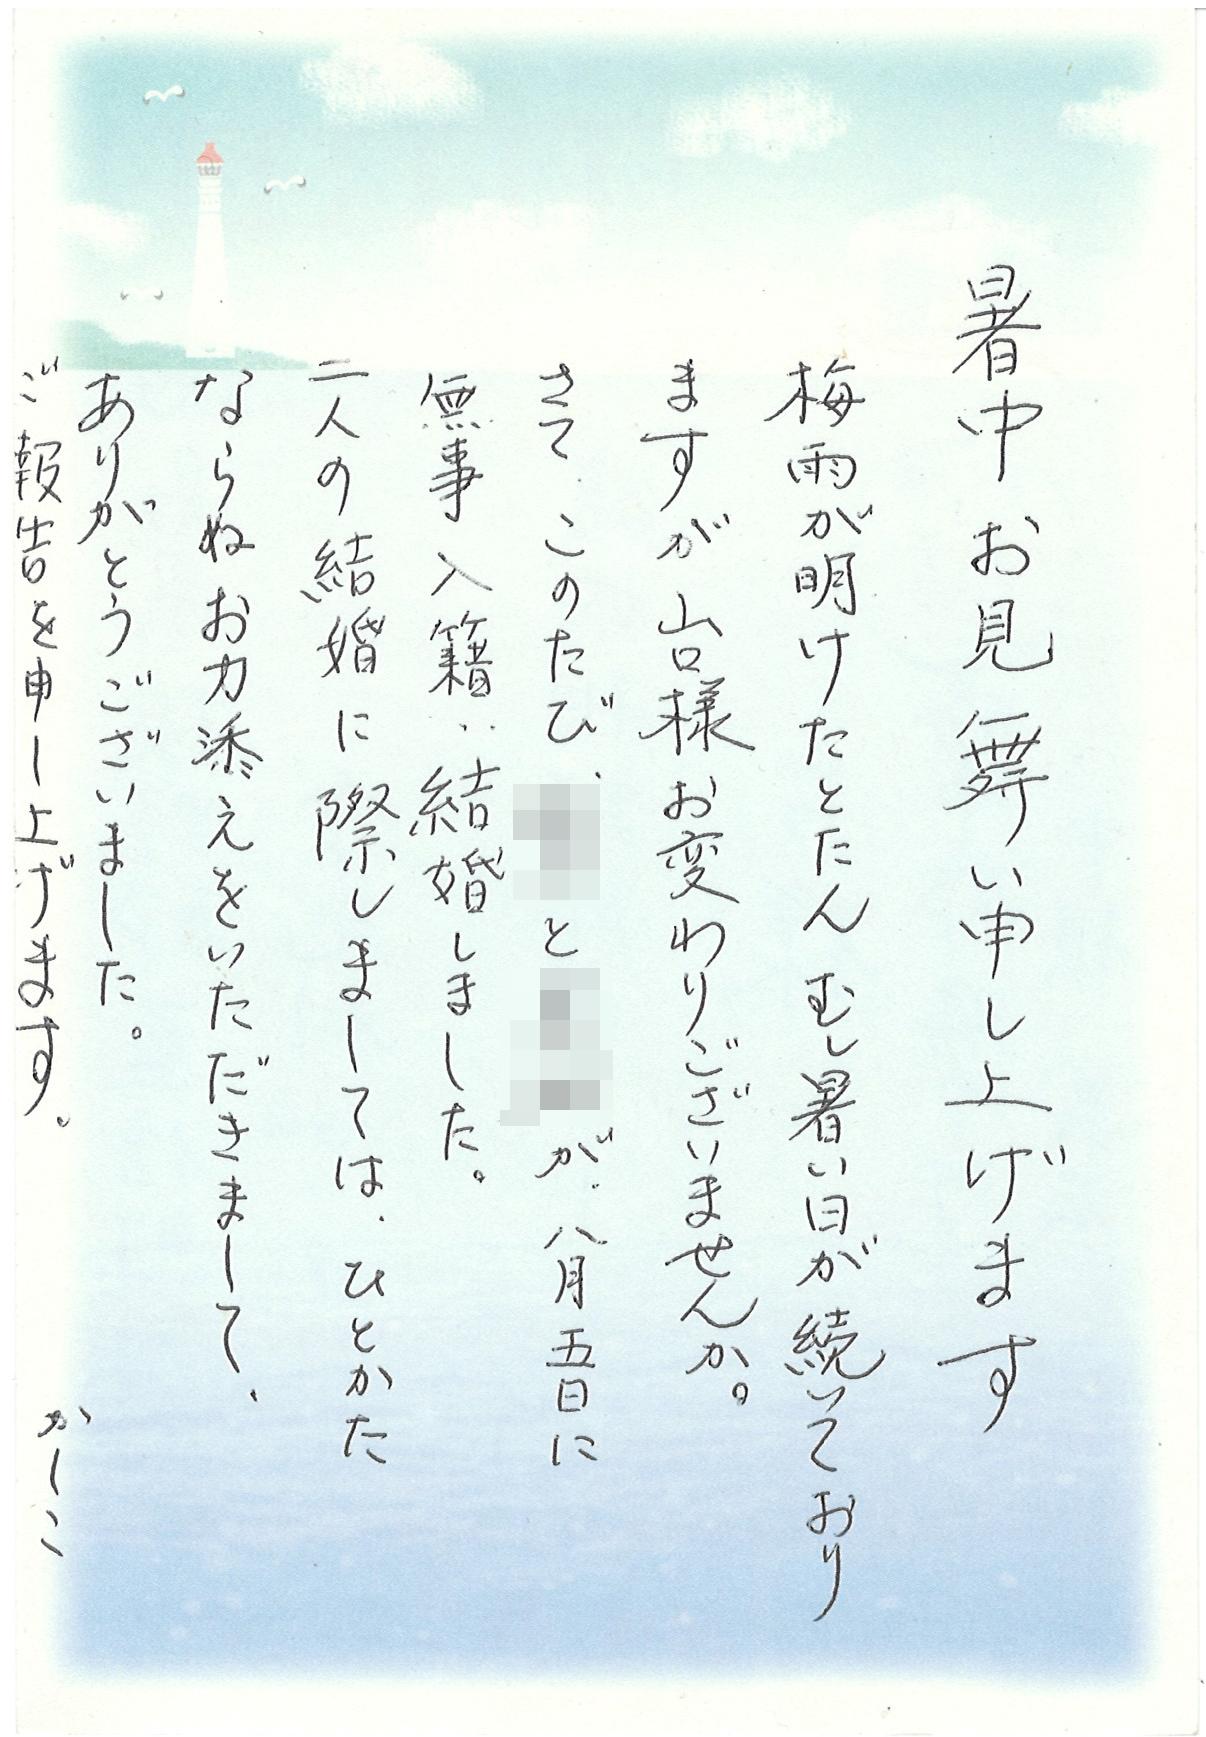 徳島のEMI結婚相談所で婚活した結果 N・H様